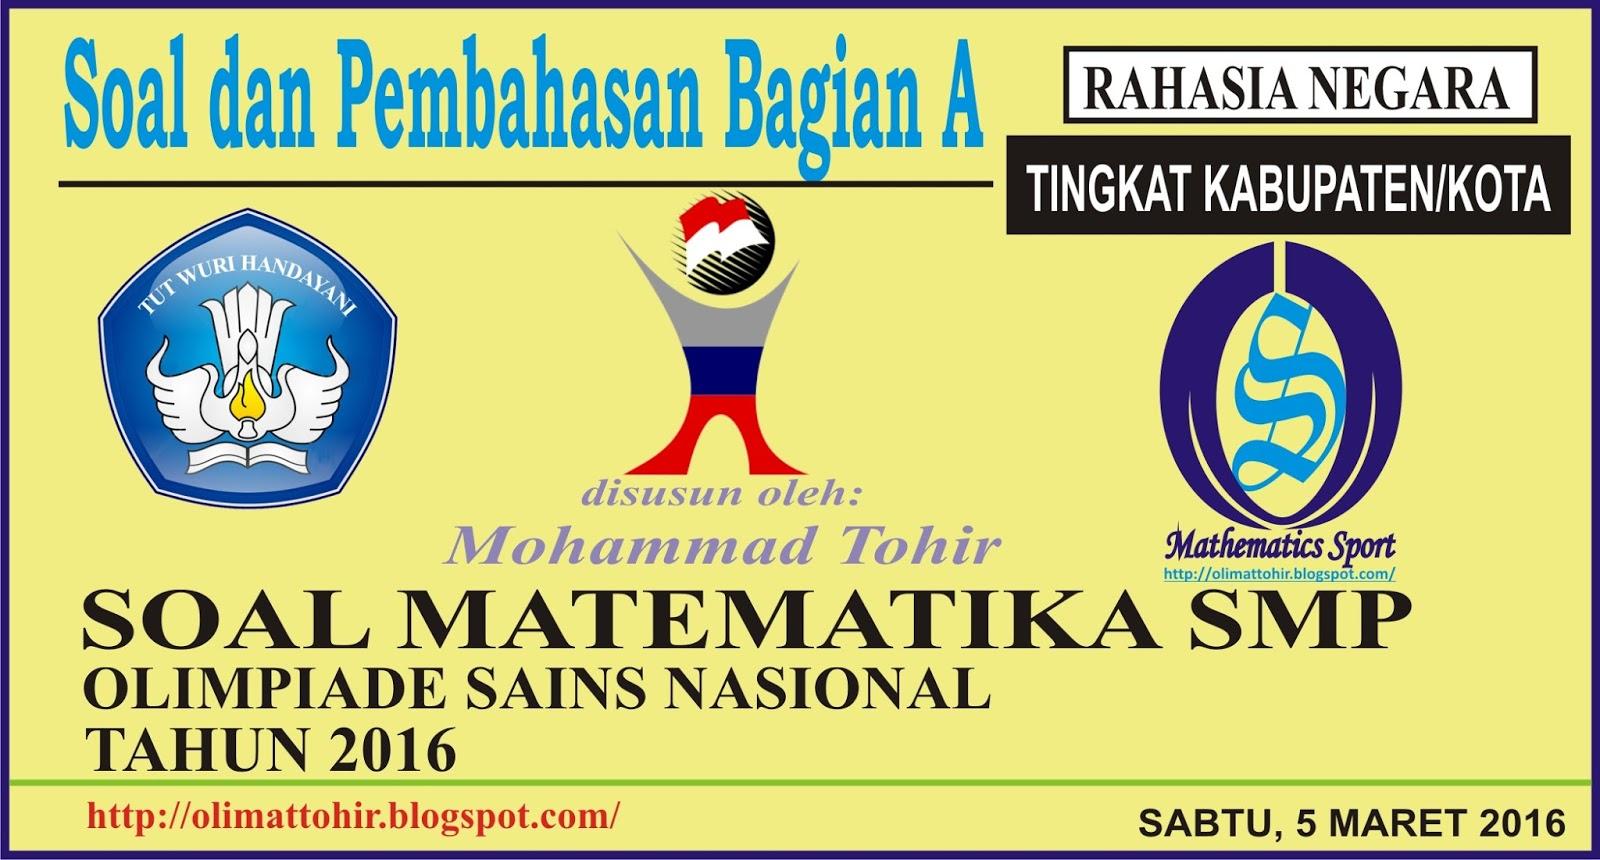 Alhamdulillahirobbalil alamin patut kita ucapkan kepada Allah SWT atas terselesainya pelaksanaan Olimpiade Sains Nasional (OSN) Tingkat Kabupaten/Kota Tahun 2016 ini dengan baik dan menarik pada hari Sabtu, tanggal 5 Maret 2016....